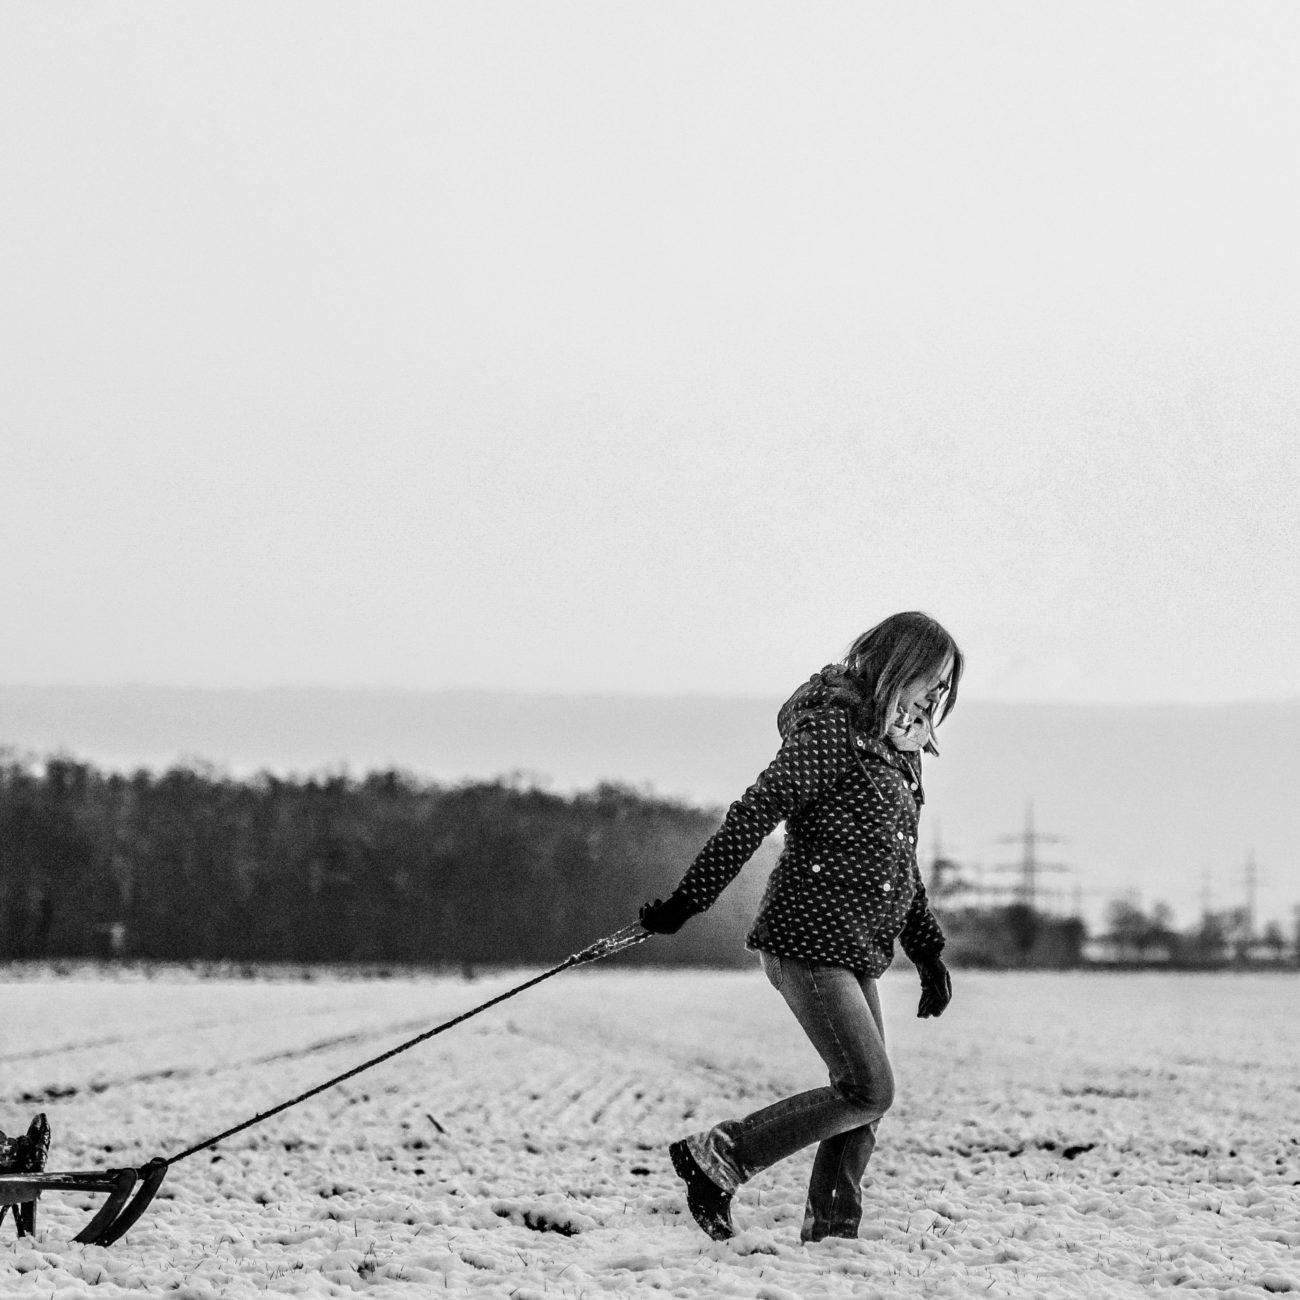 Zwart wit foto van een moeder die haar kindje voortrekt op de slee